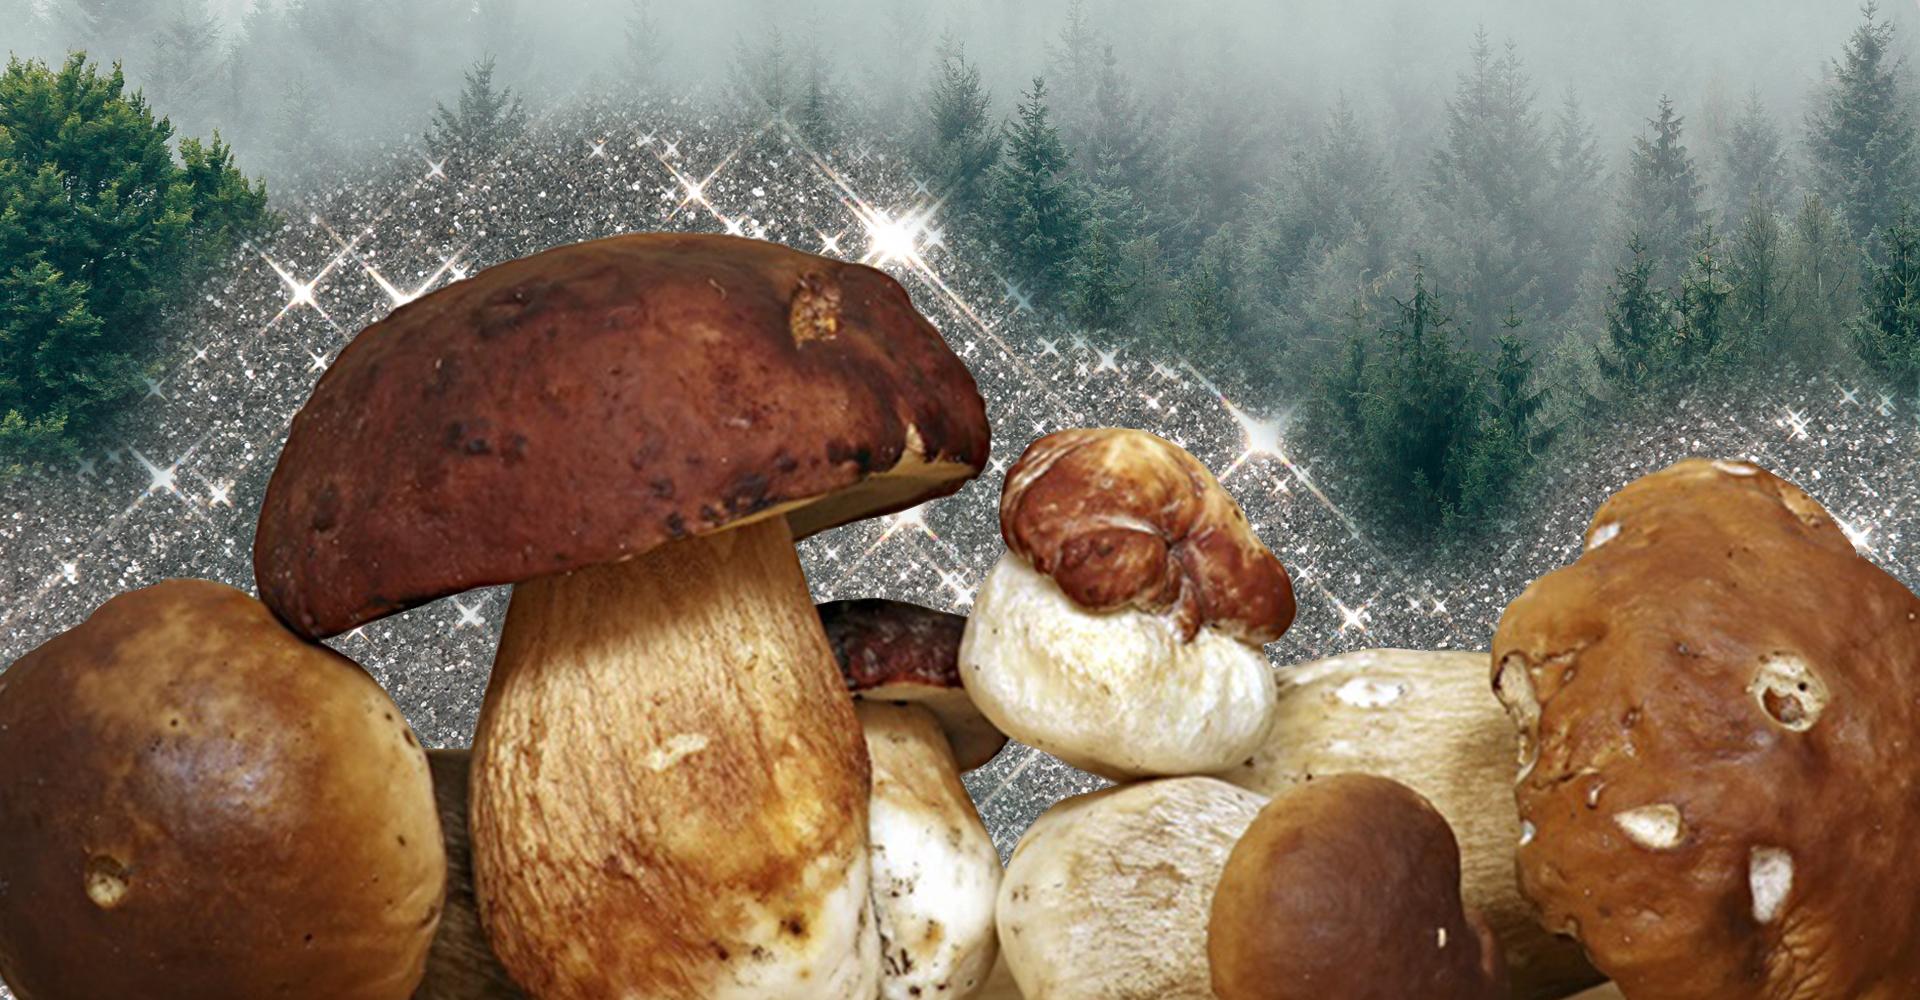 Come pulire i funghi porcini? La guida passo passo per un autunno senza intoppi